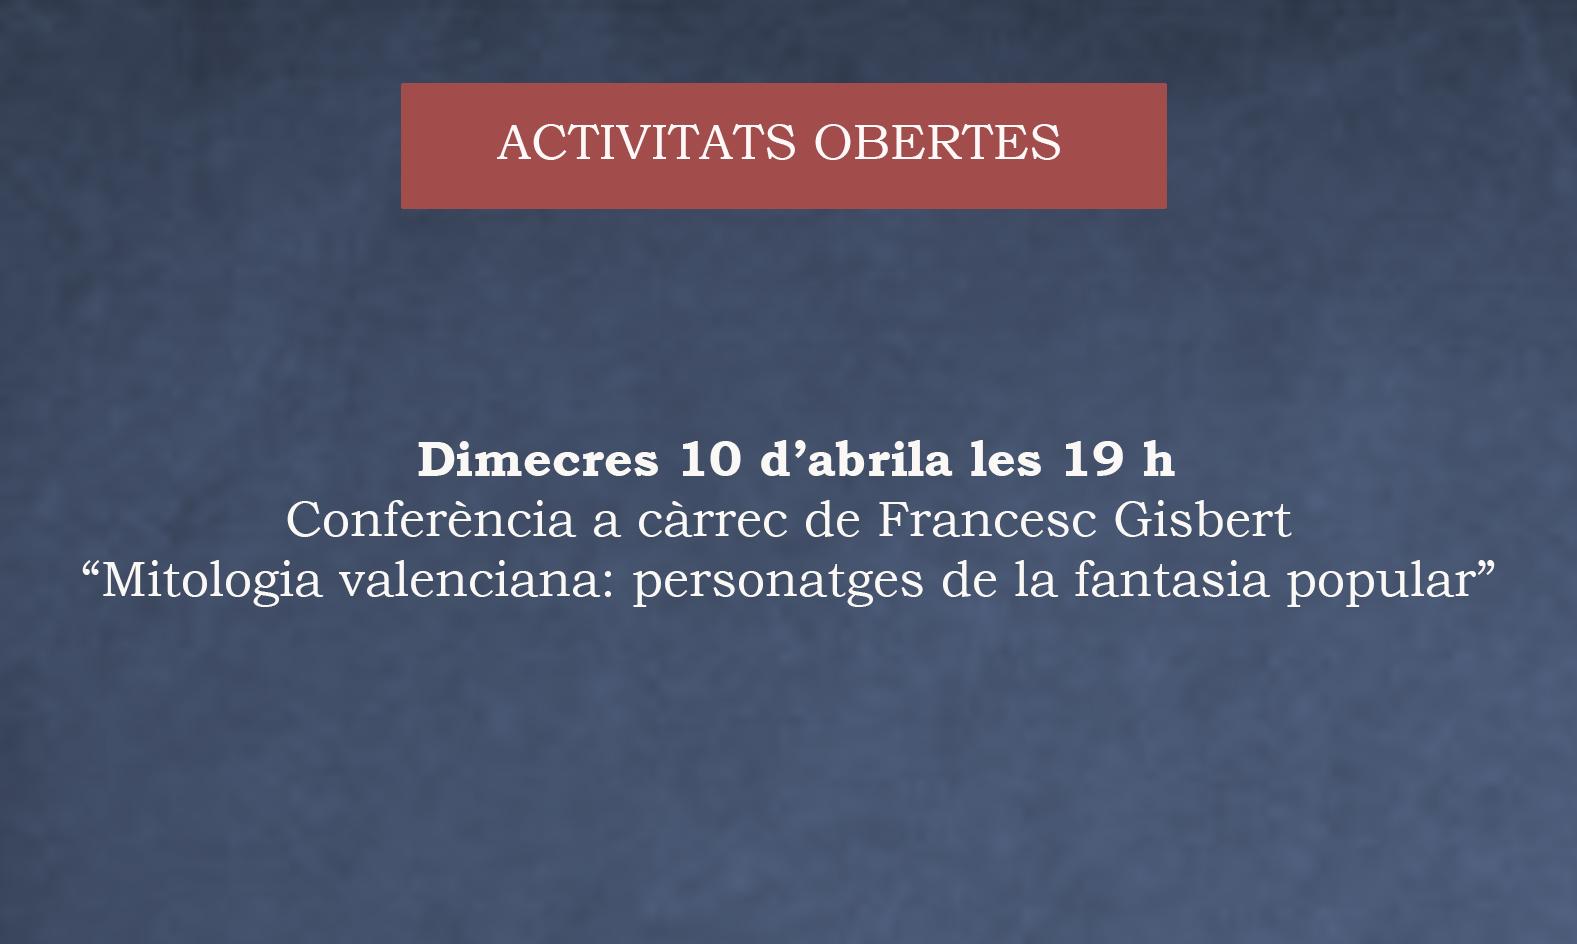 3a Conferència SAFOR DE LLETRES